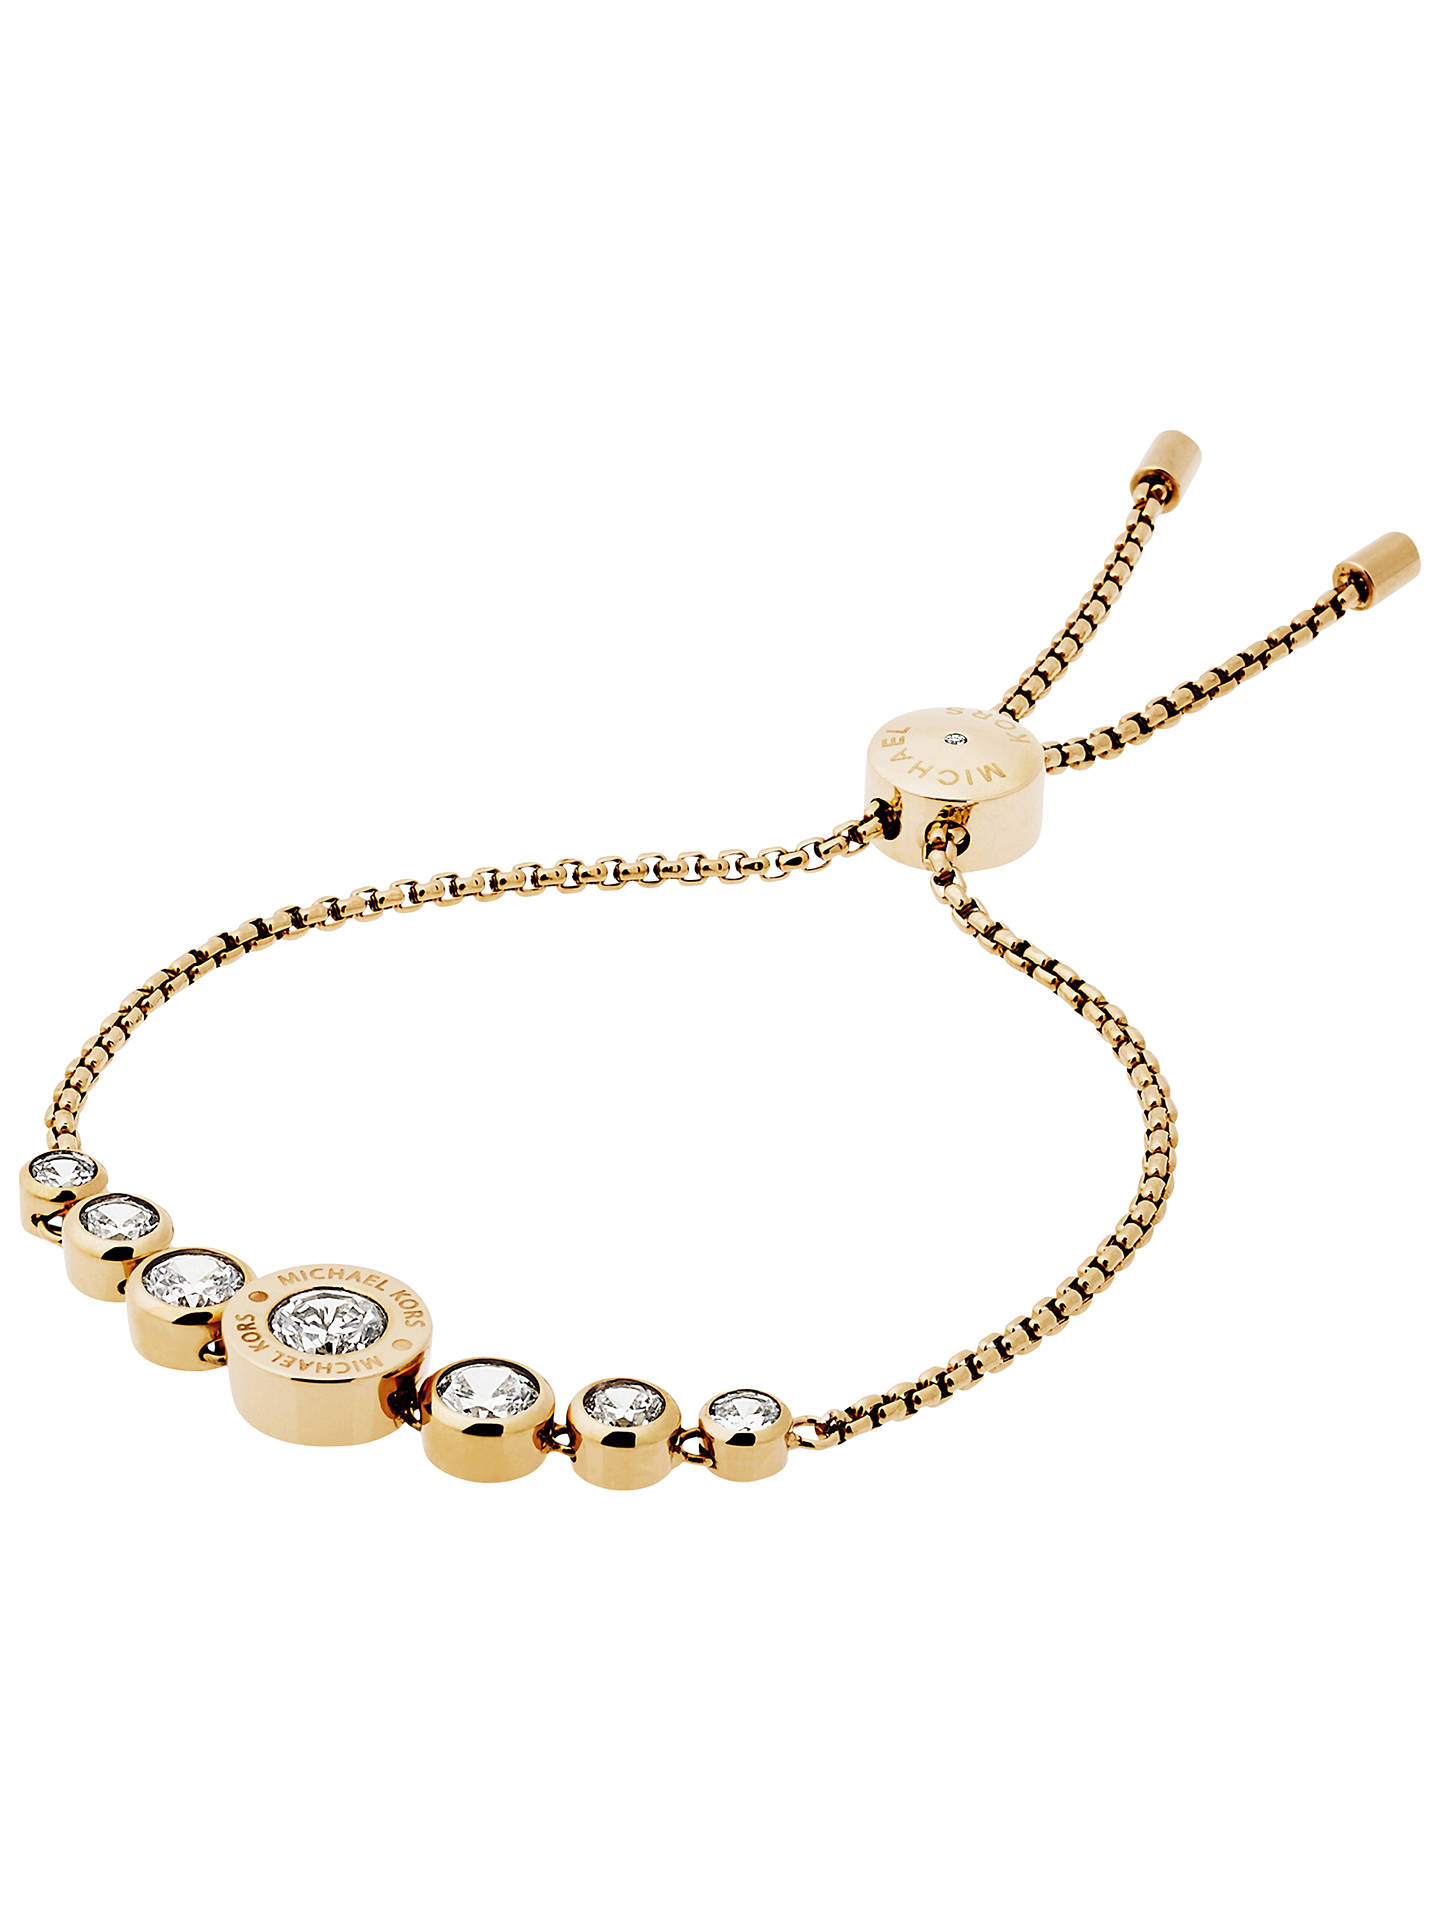 Michael Kors Logo Crystal Adjule Bracelet Gold Online At Johnlewis